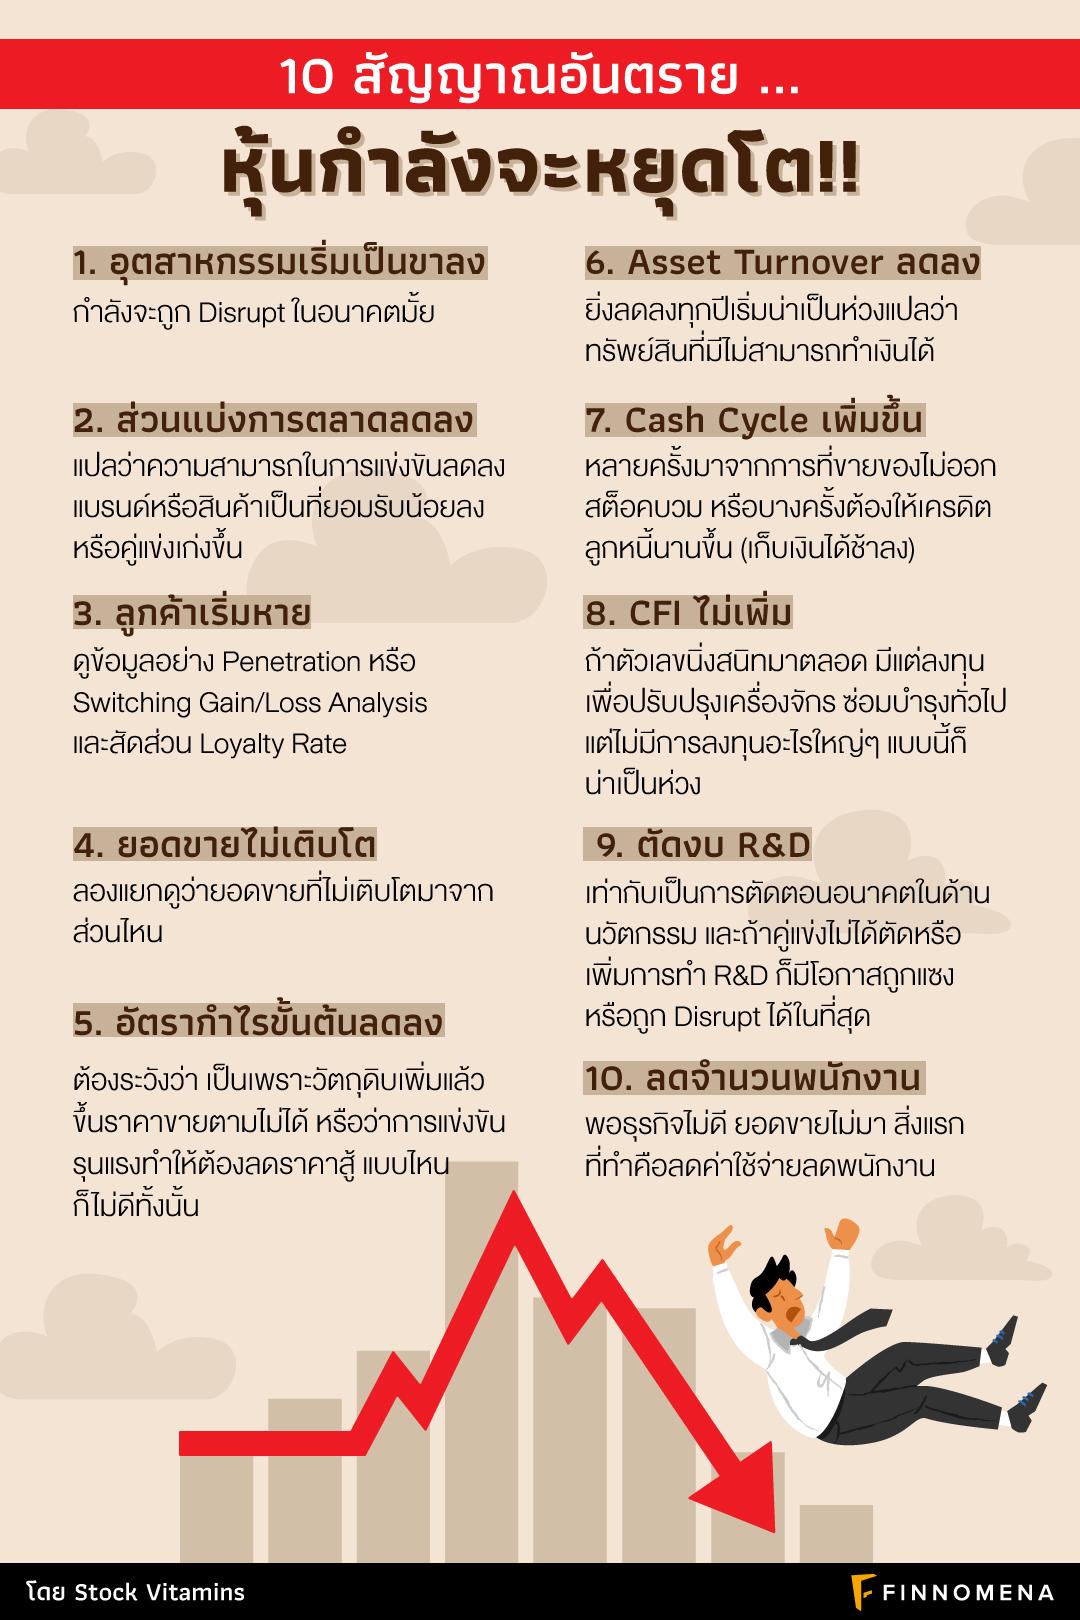 10 สัญญาณอันตราย ... หุ้นกำลังจะหยุดโต